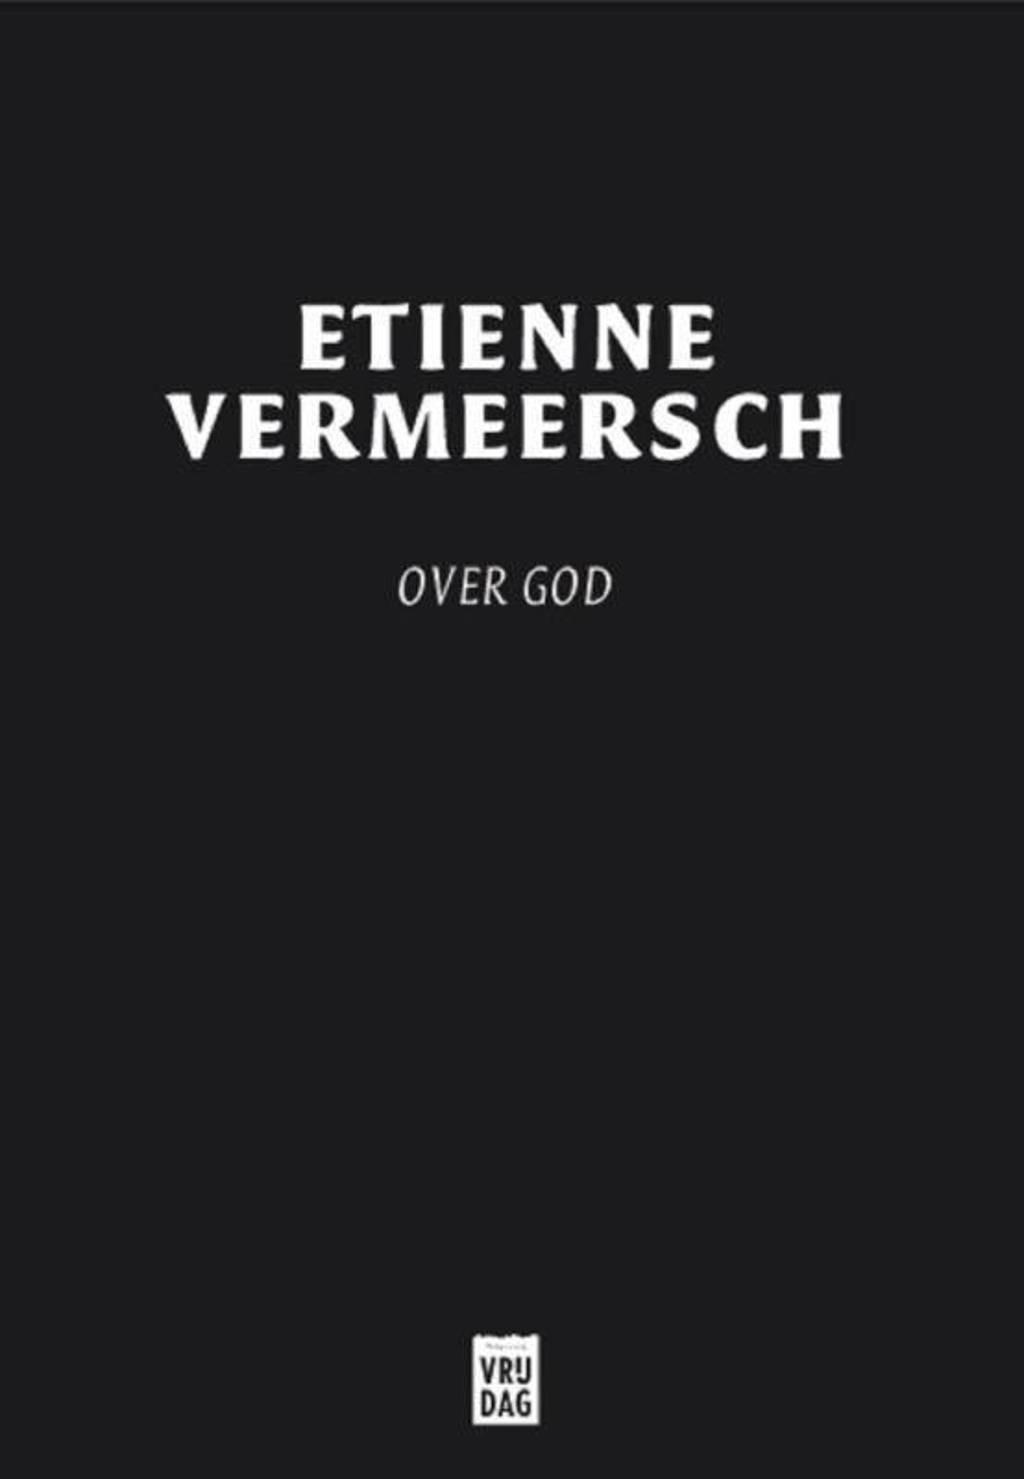 Over God - Etienne Vermeersch